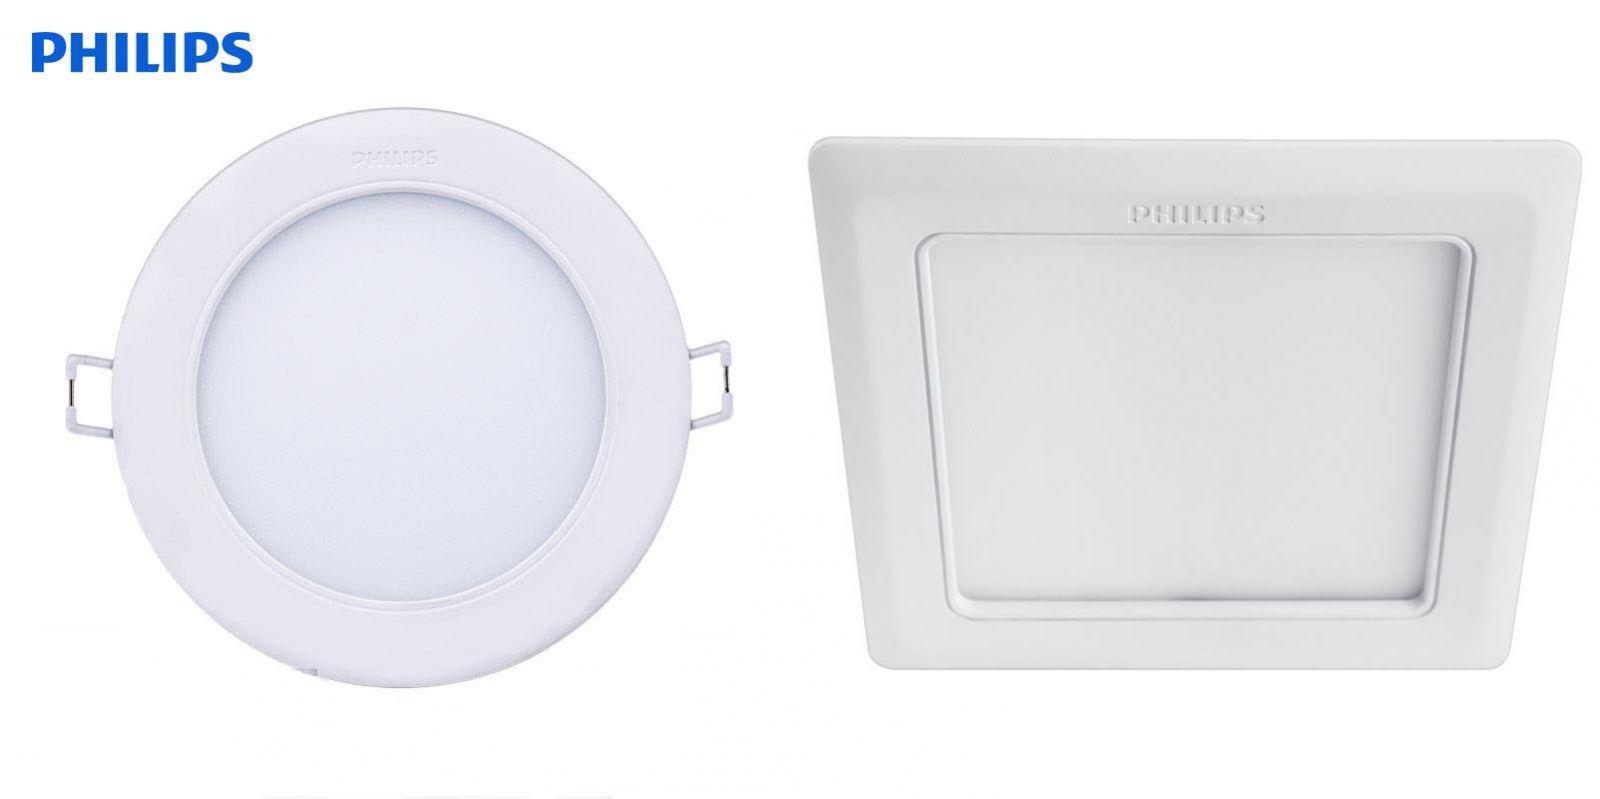 cách loại đèn âm trần sử dụng phổ biến hiện nay